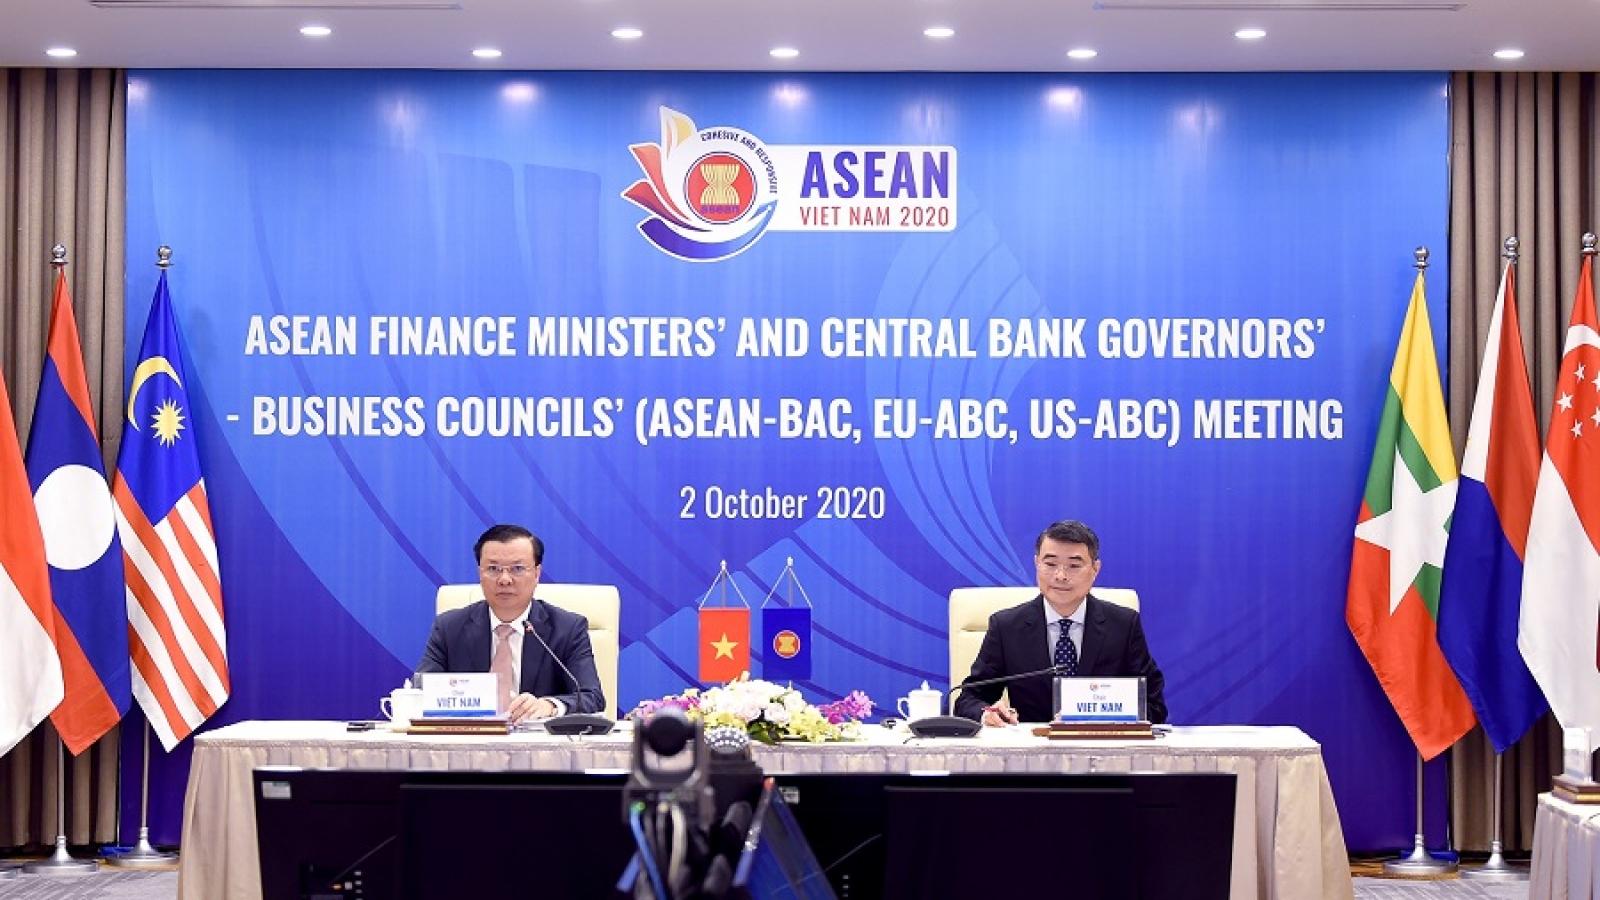 Thúc đẩy tài chính toàn diện và kết nối thương mại số trong khu vực ASEAN